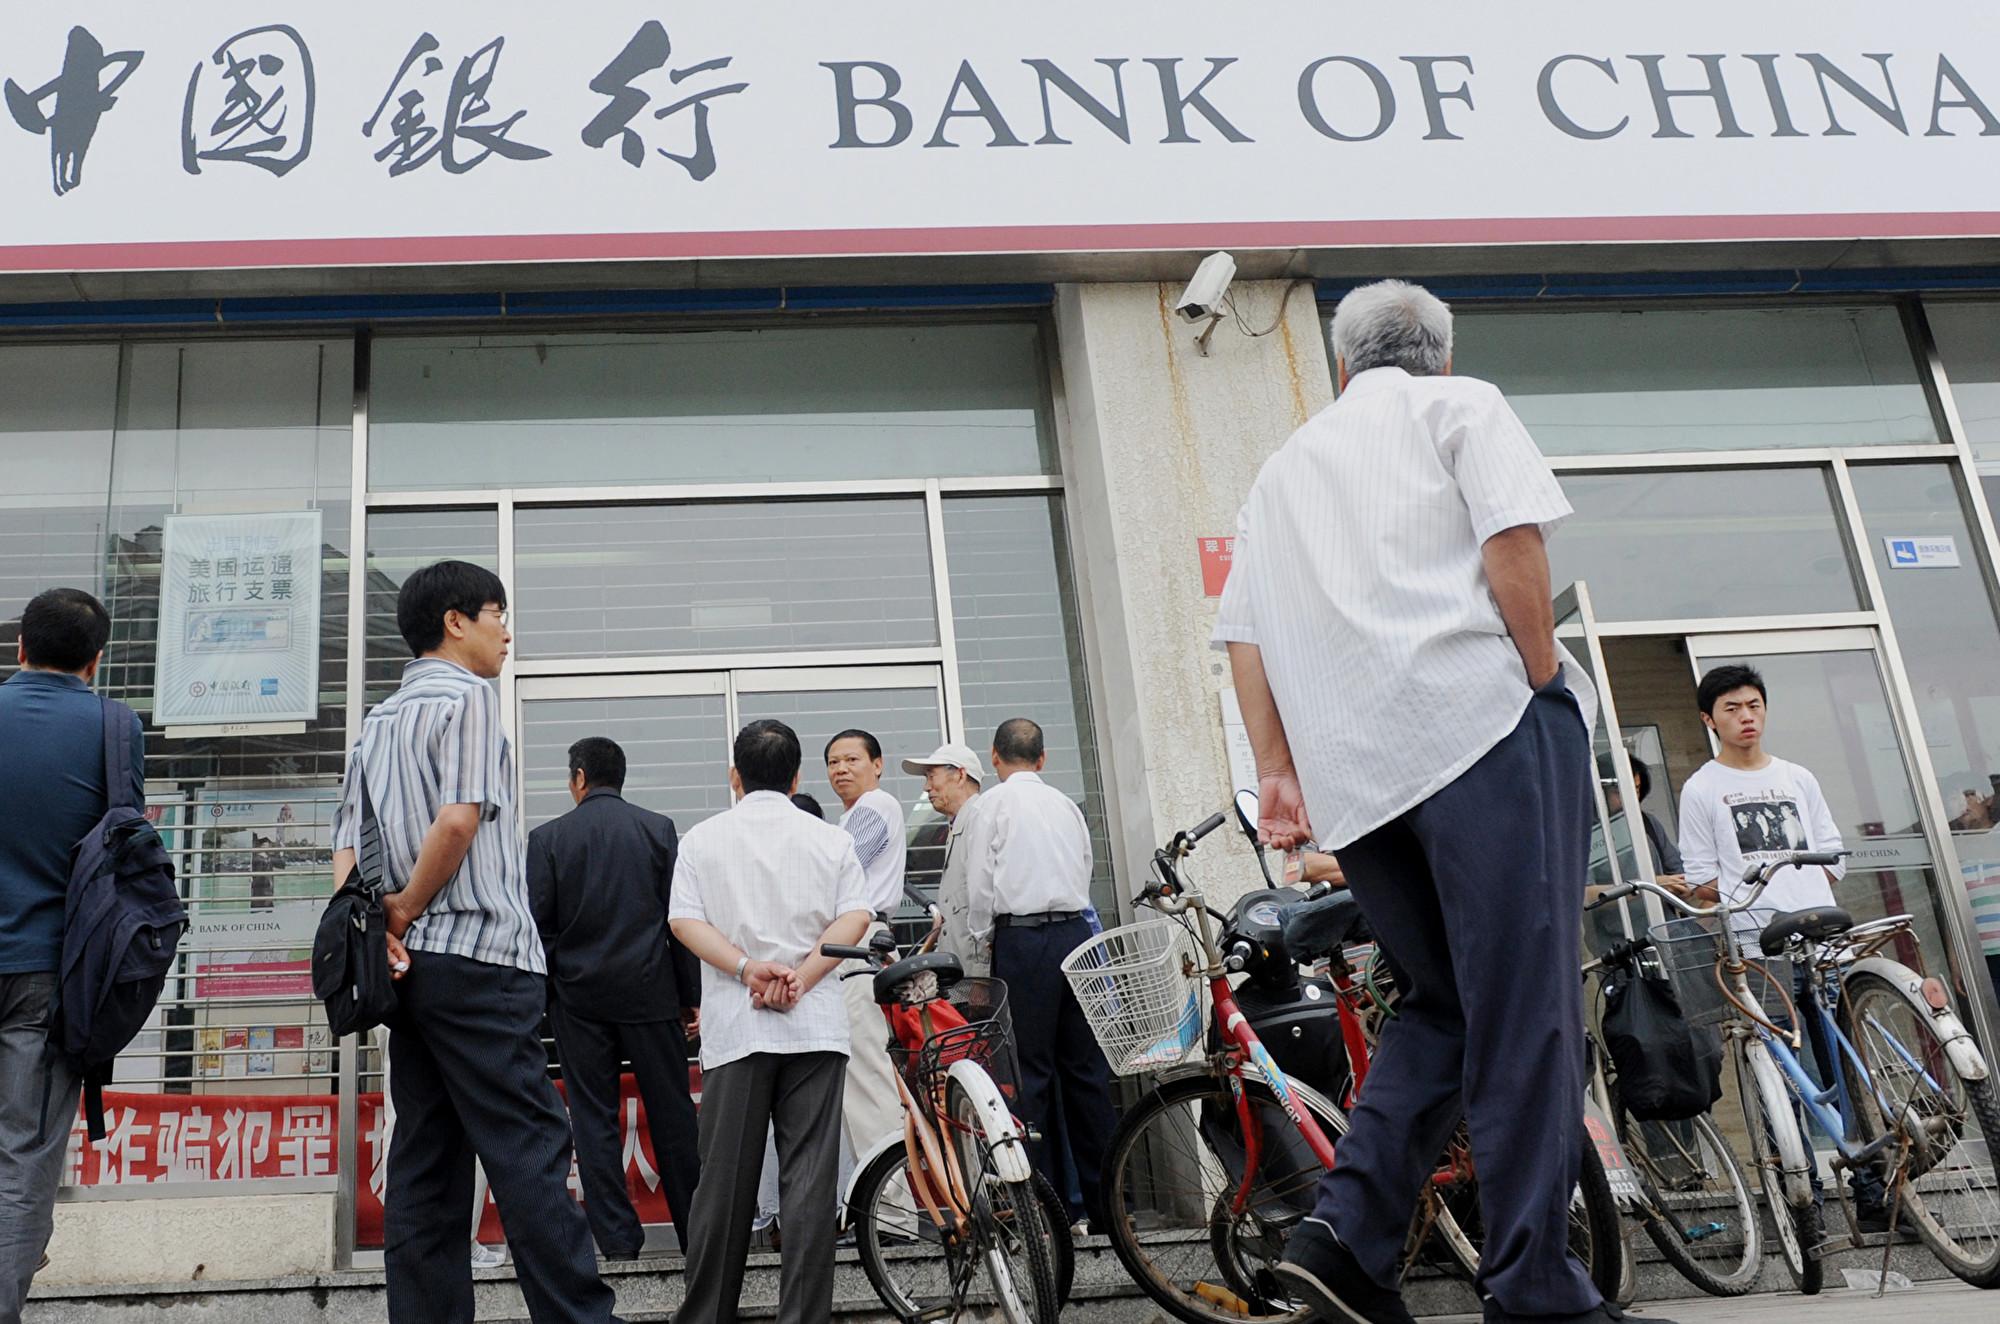 投資中國銀行原油寶巨虧 散戶欲提集體訴訟